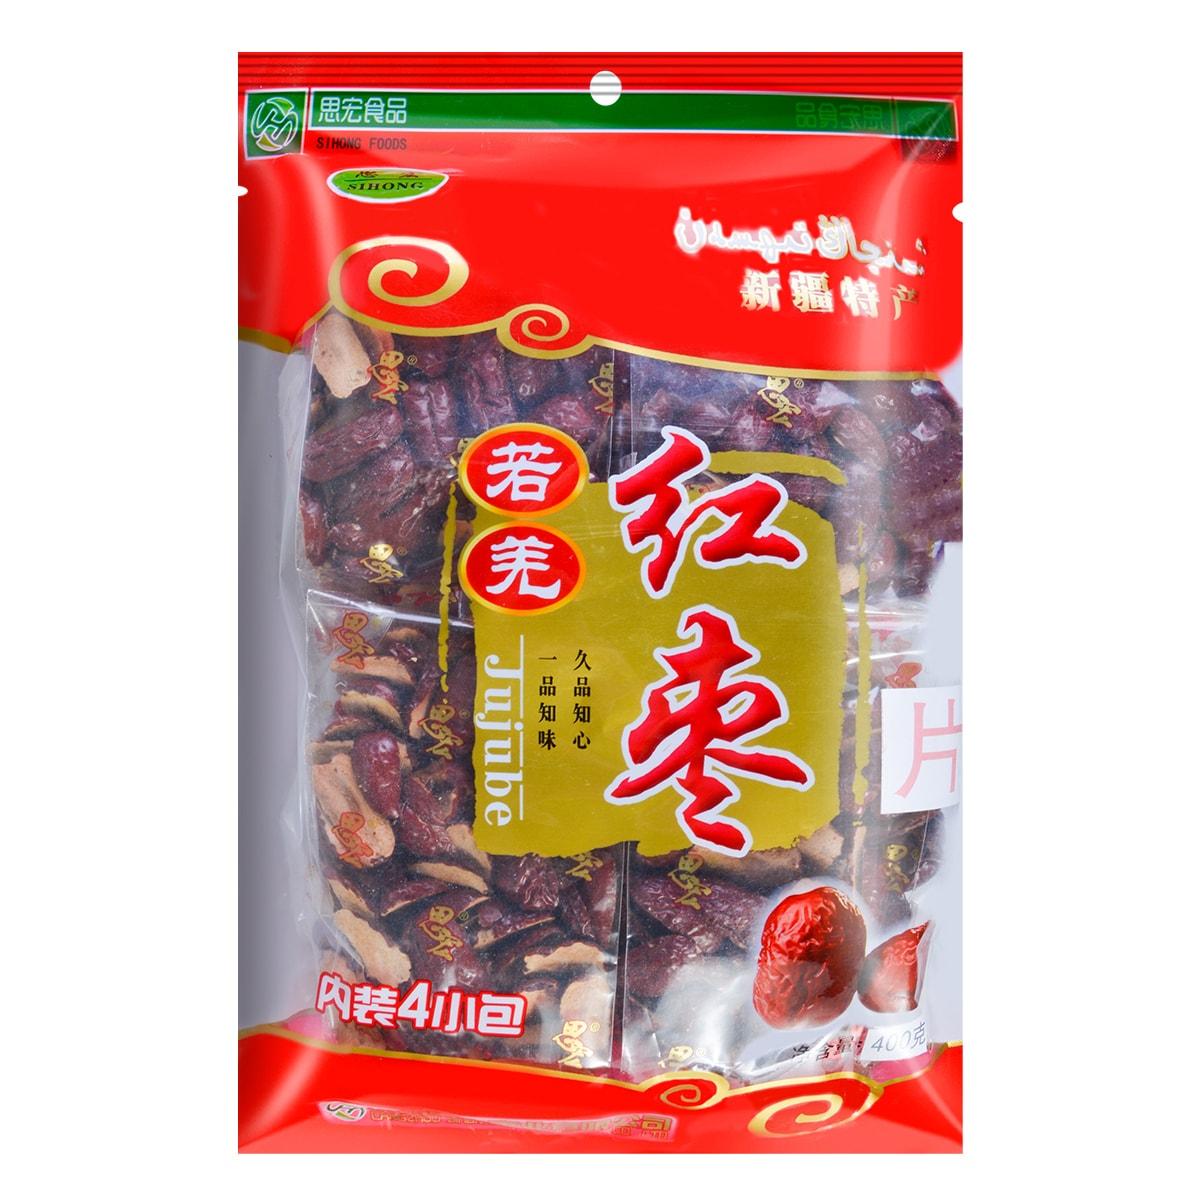 思宏 新疆若羌红枣片  即食 400g